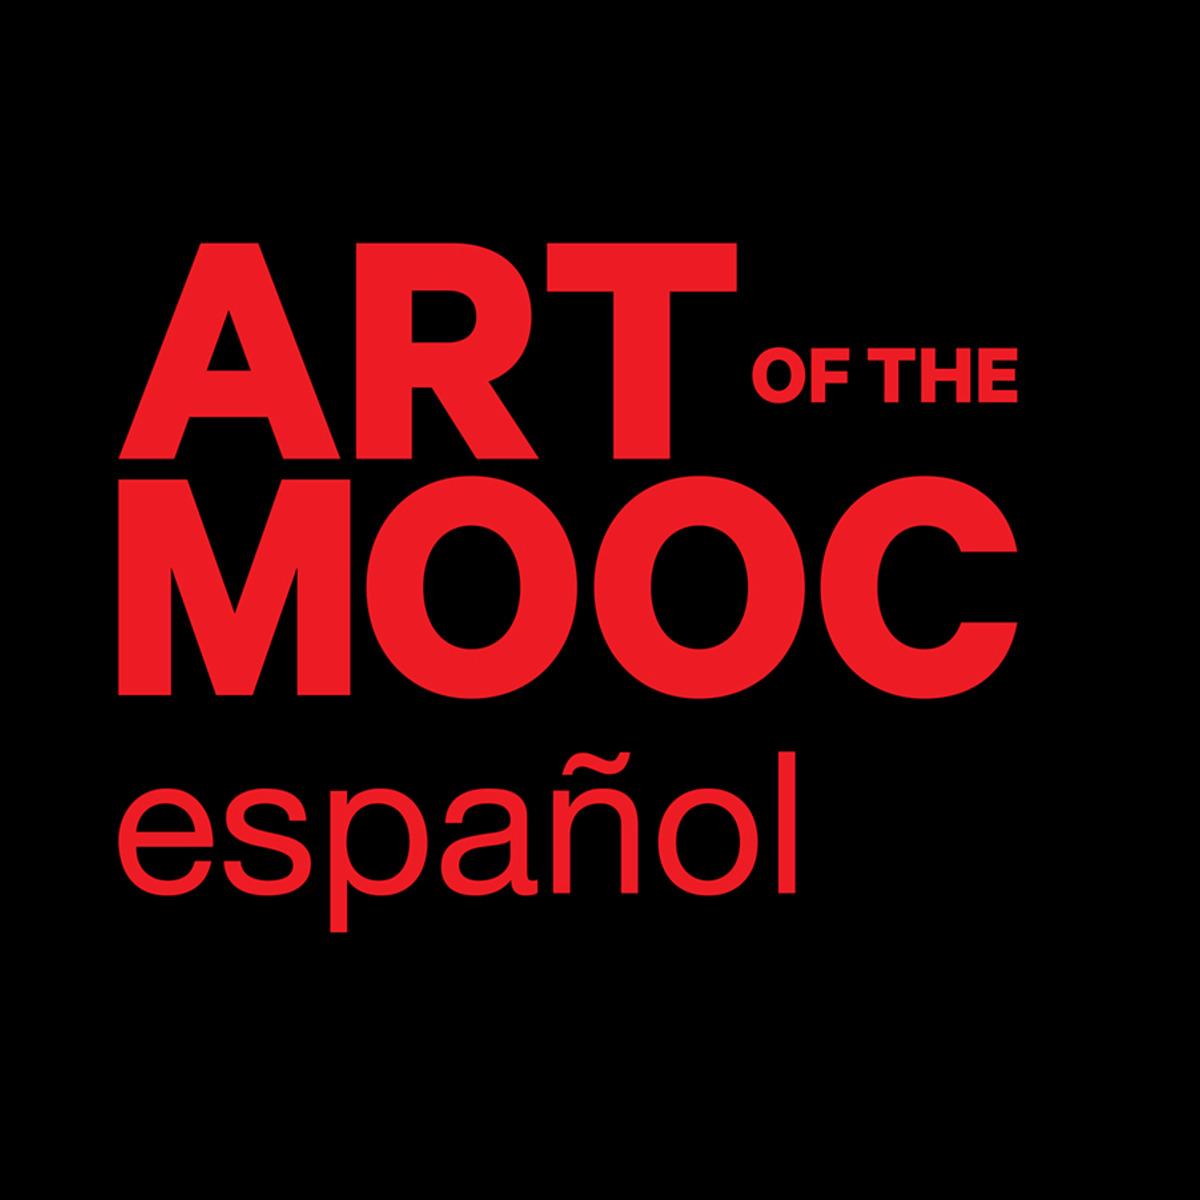 ART of the MOOC: Activismo y Movimientos Sociales course image